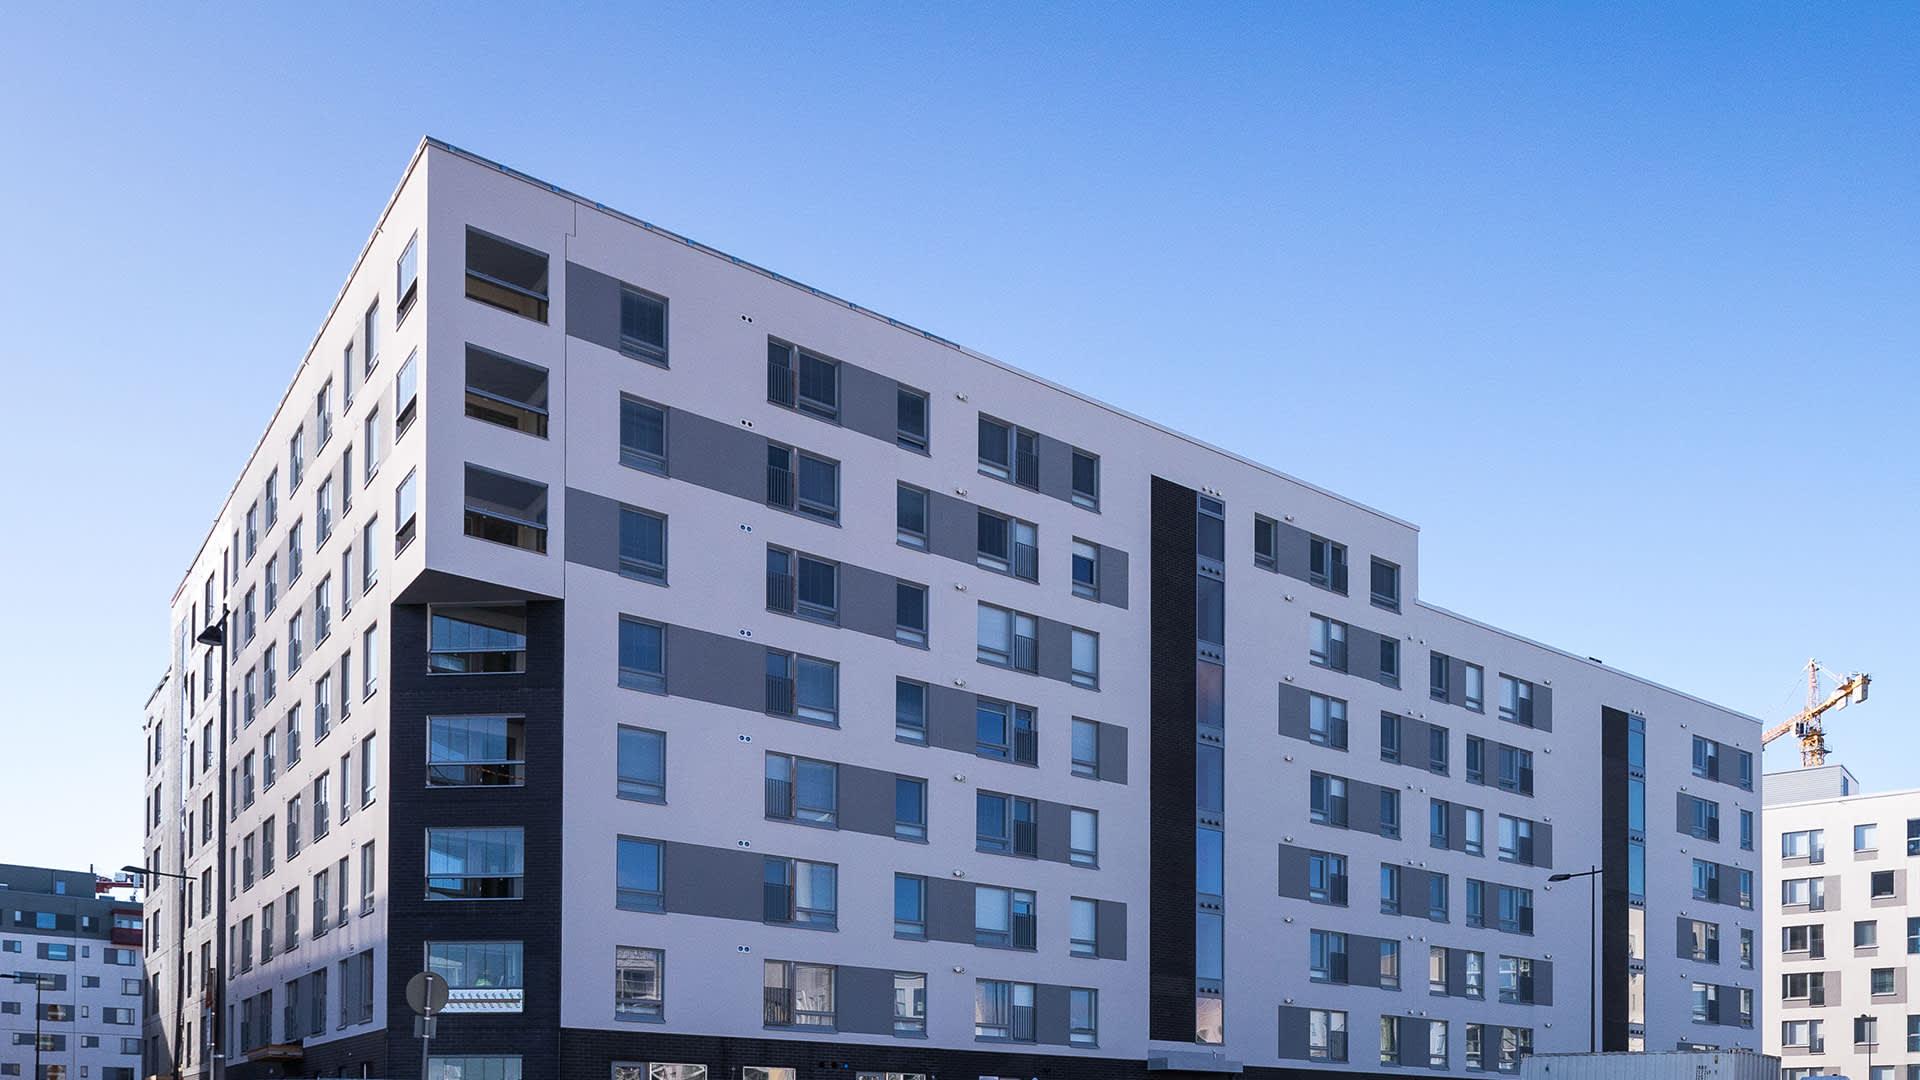 Myytävät asunnot Espoo, Vermonniitty, Leppävaara - Espoon Proosa